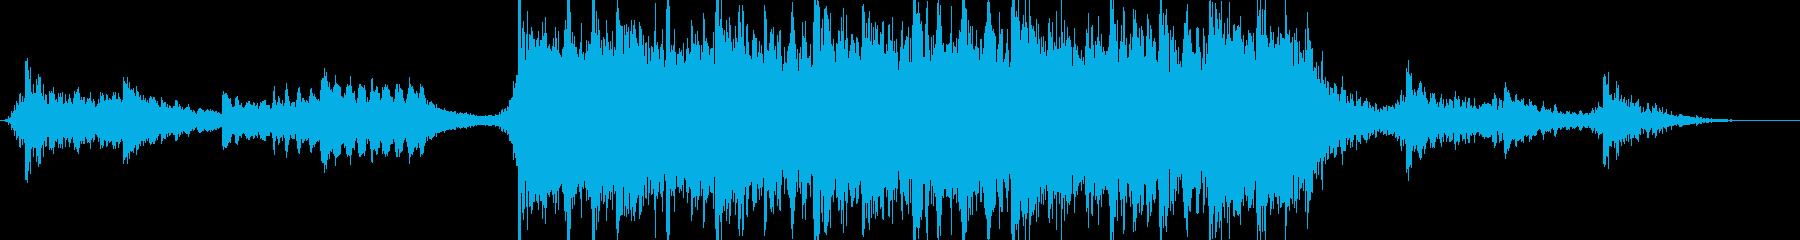 現代の交響曲 広い 壮大 ワイルド...の再生済みの波形